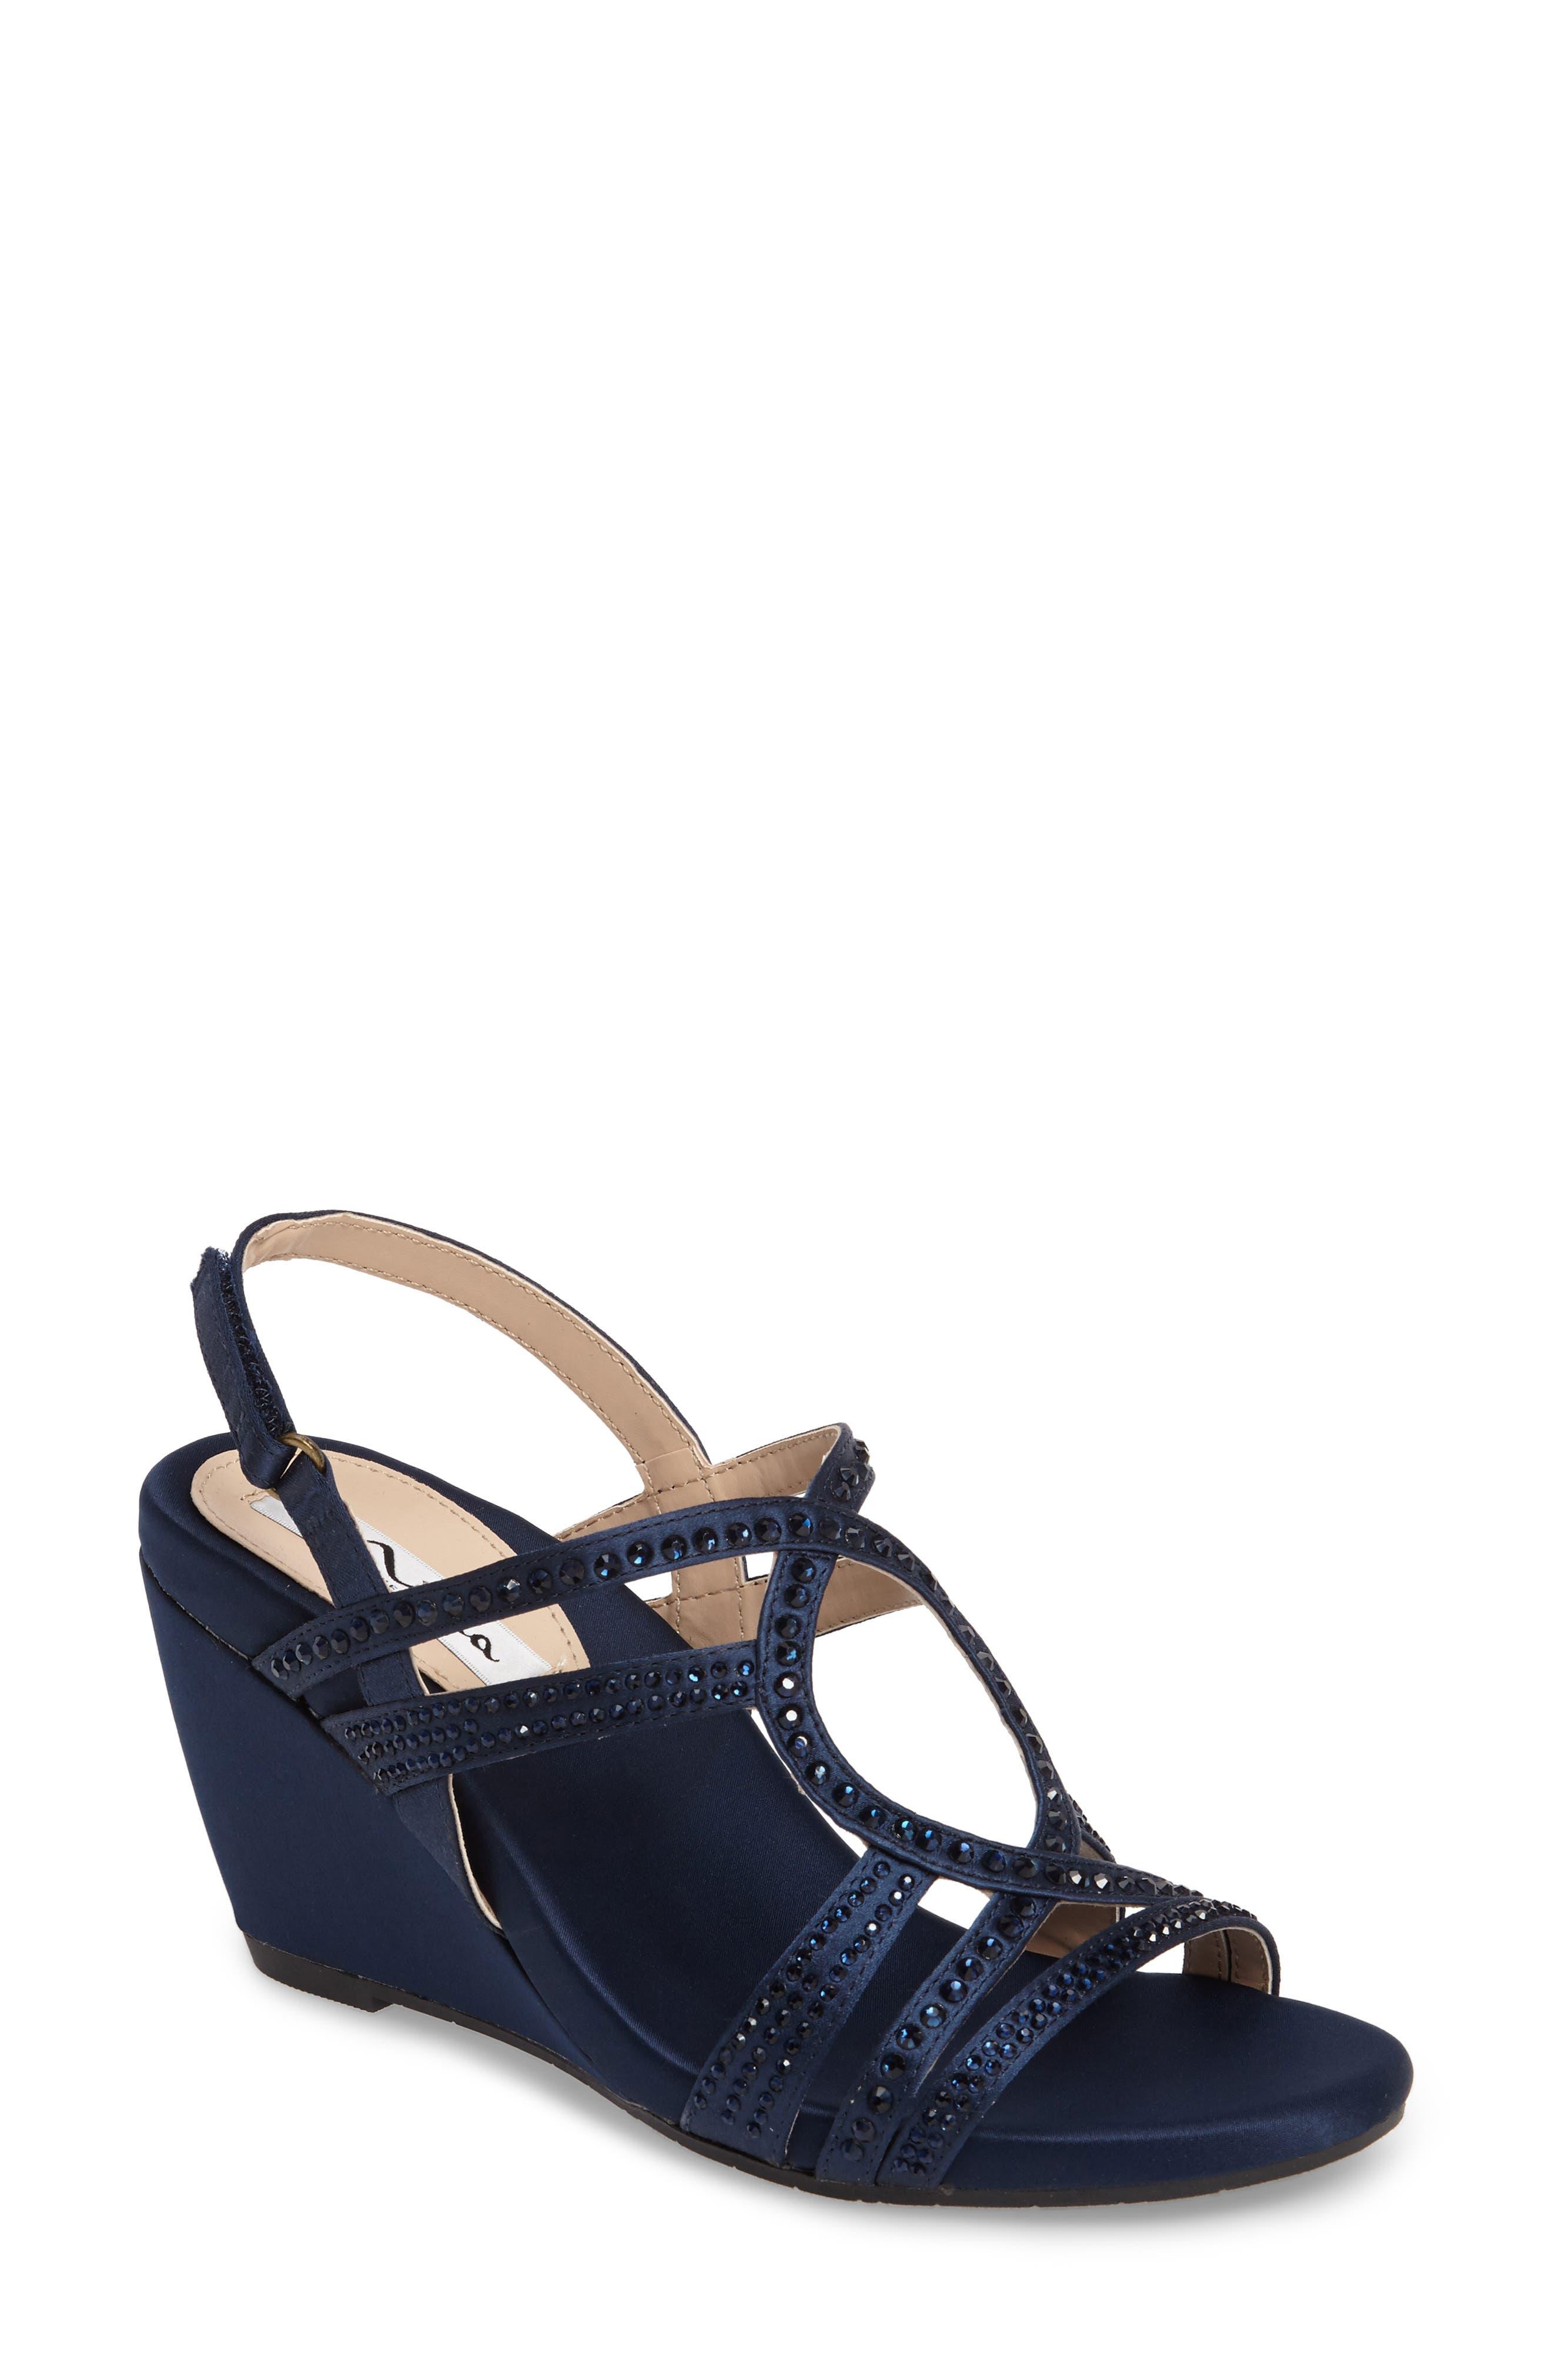 Nina Stasha Wedge Sandal CJ7HL4R